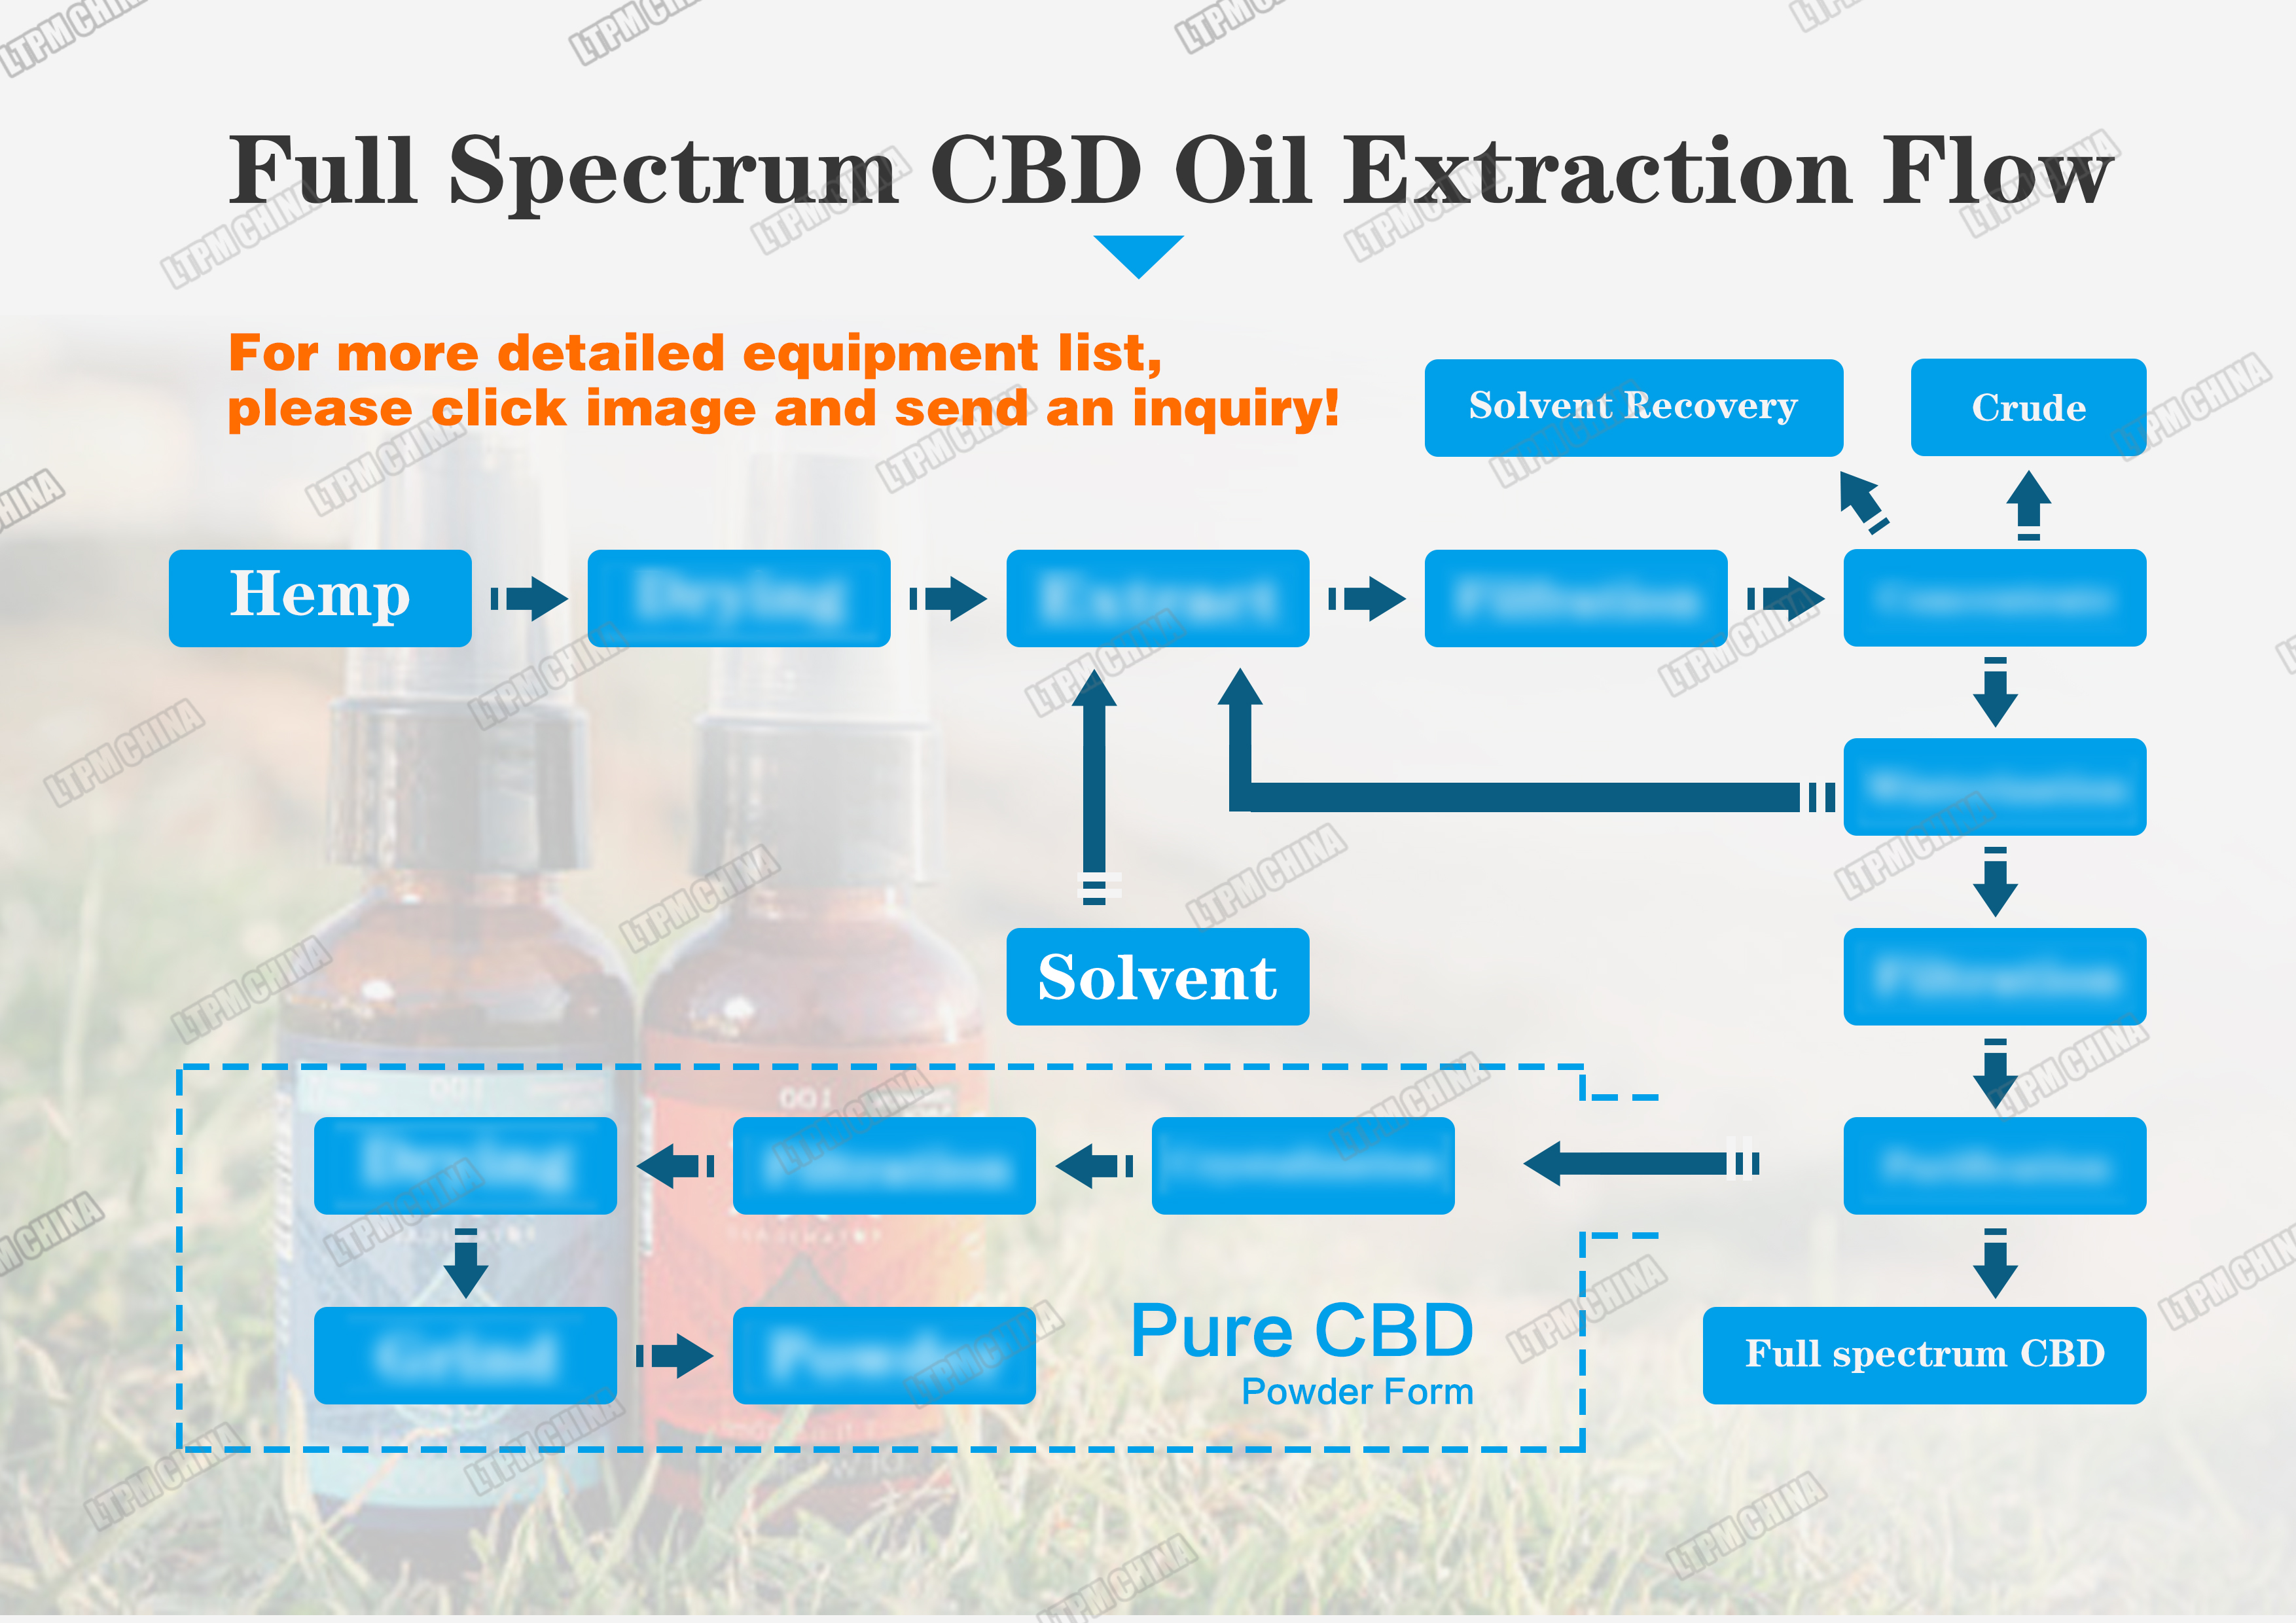 LTDH-1000 उच्च दक्षता सन तेल निष्कर्षण मशीन, सन तेल चिमटा